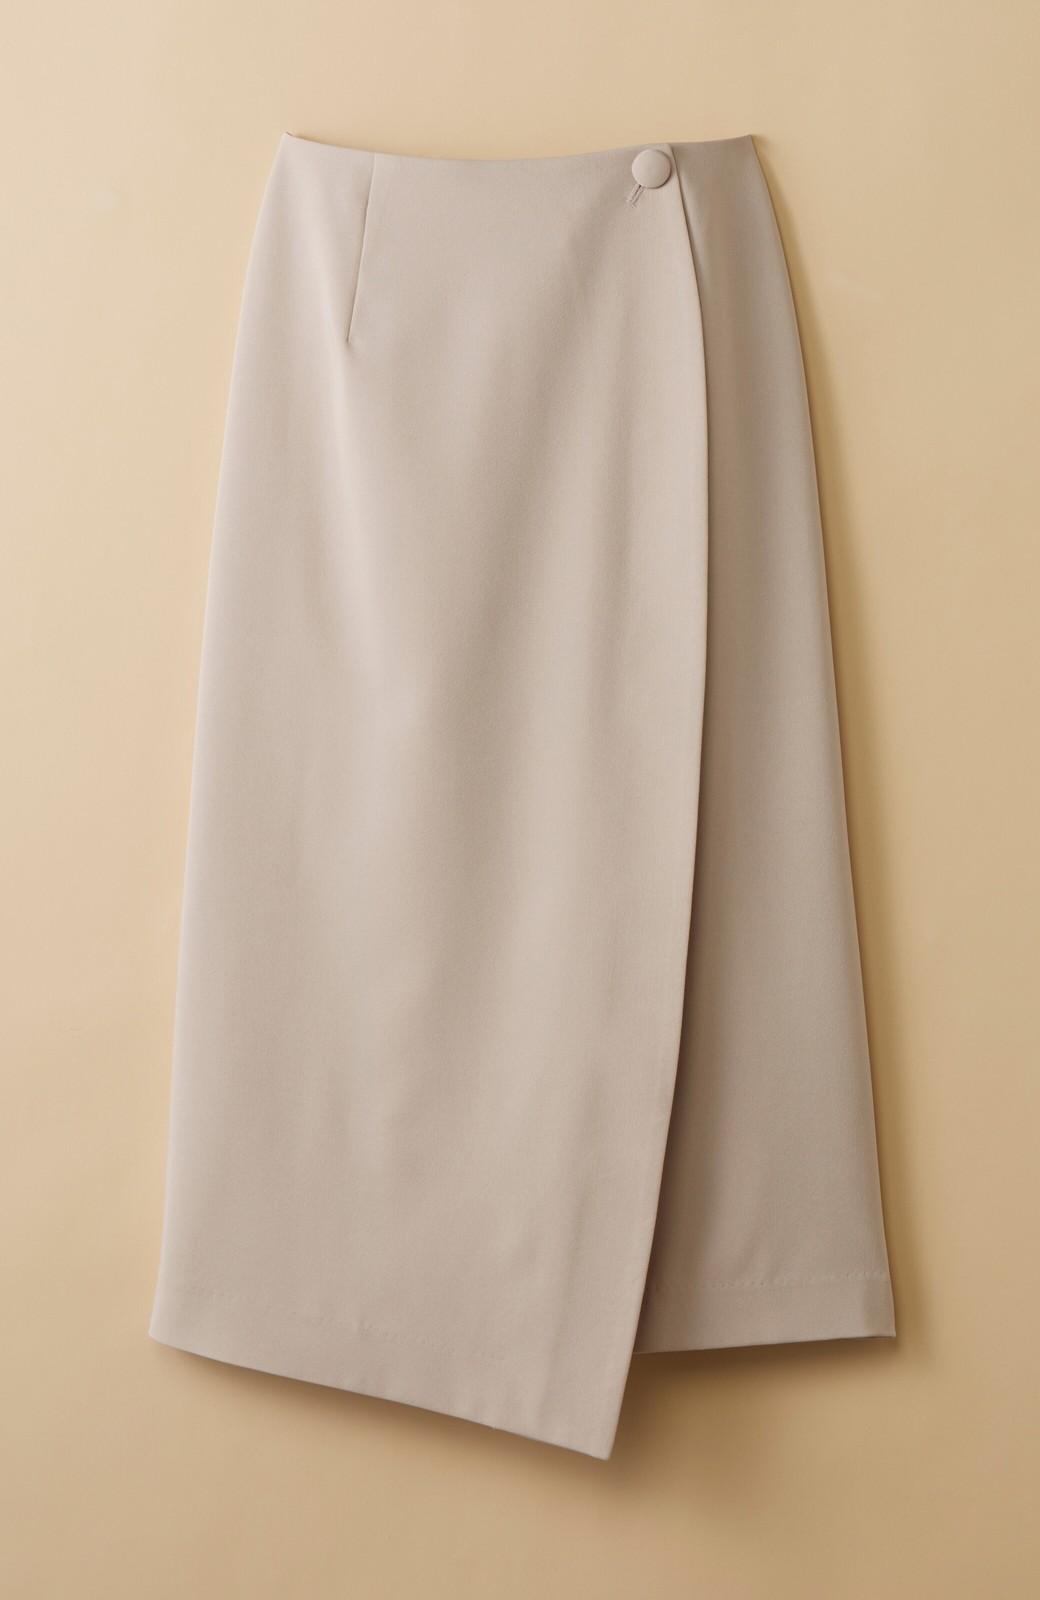 haco! いざというとき困らないための きちんと見えするラップスカート by que made me <ベージュ>の商品写真1